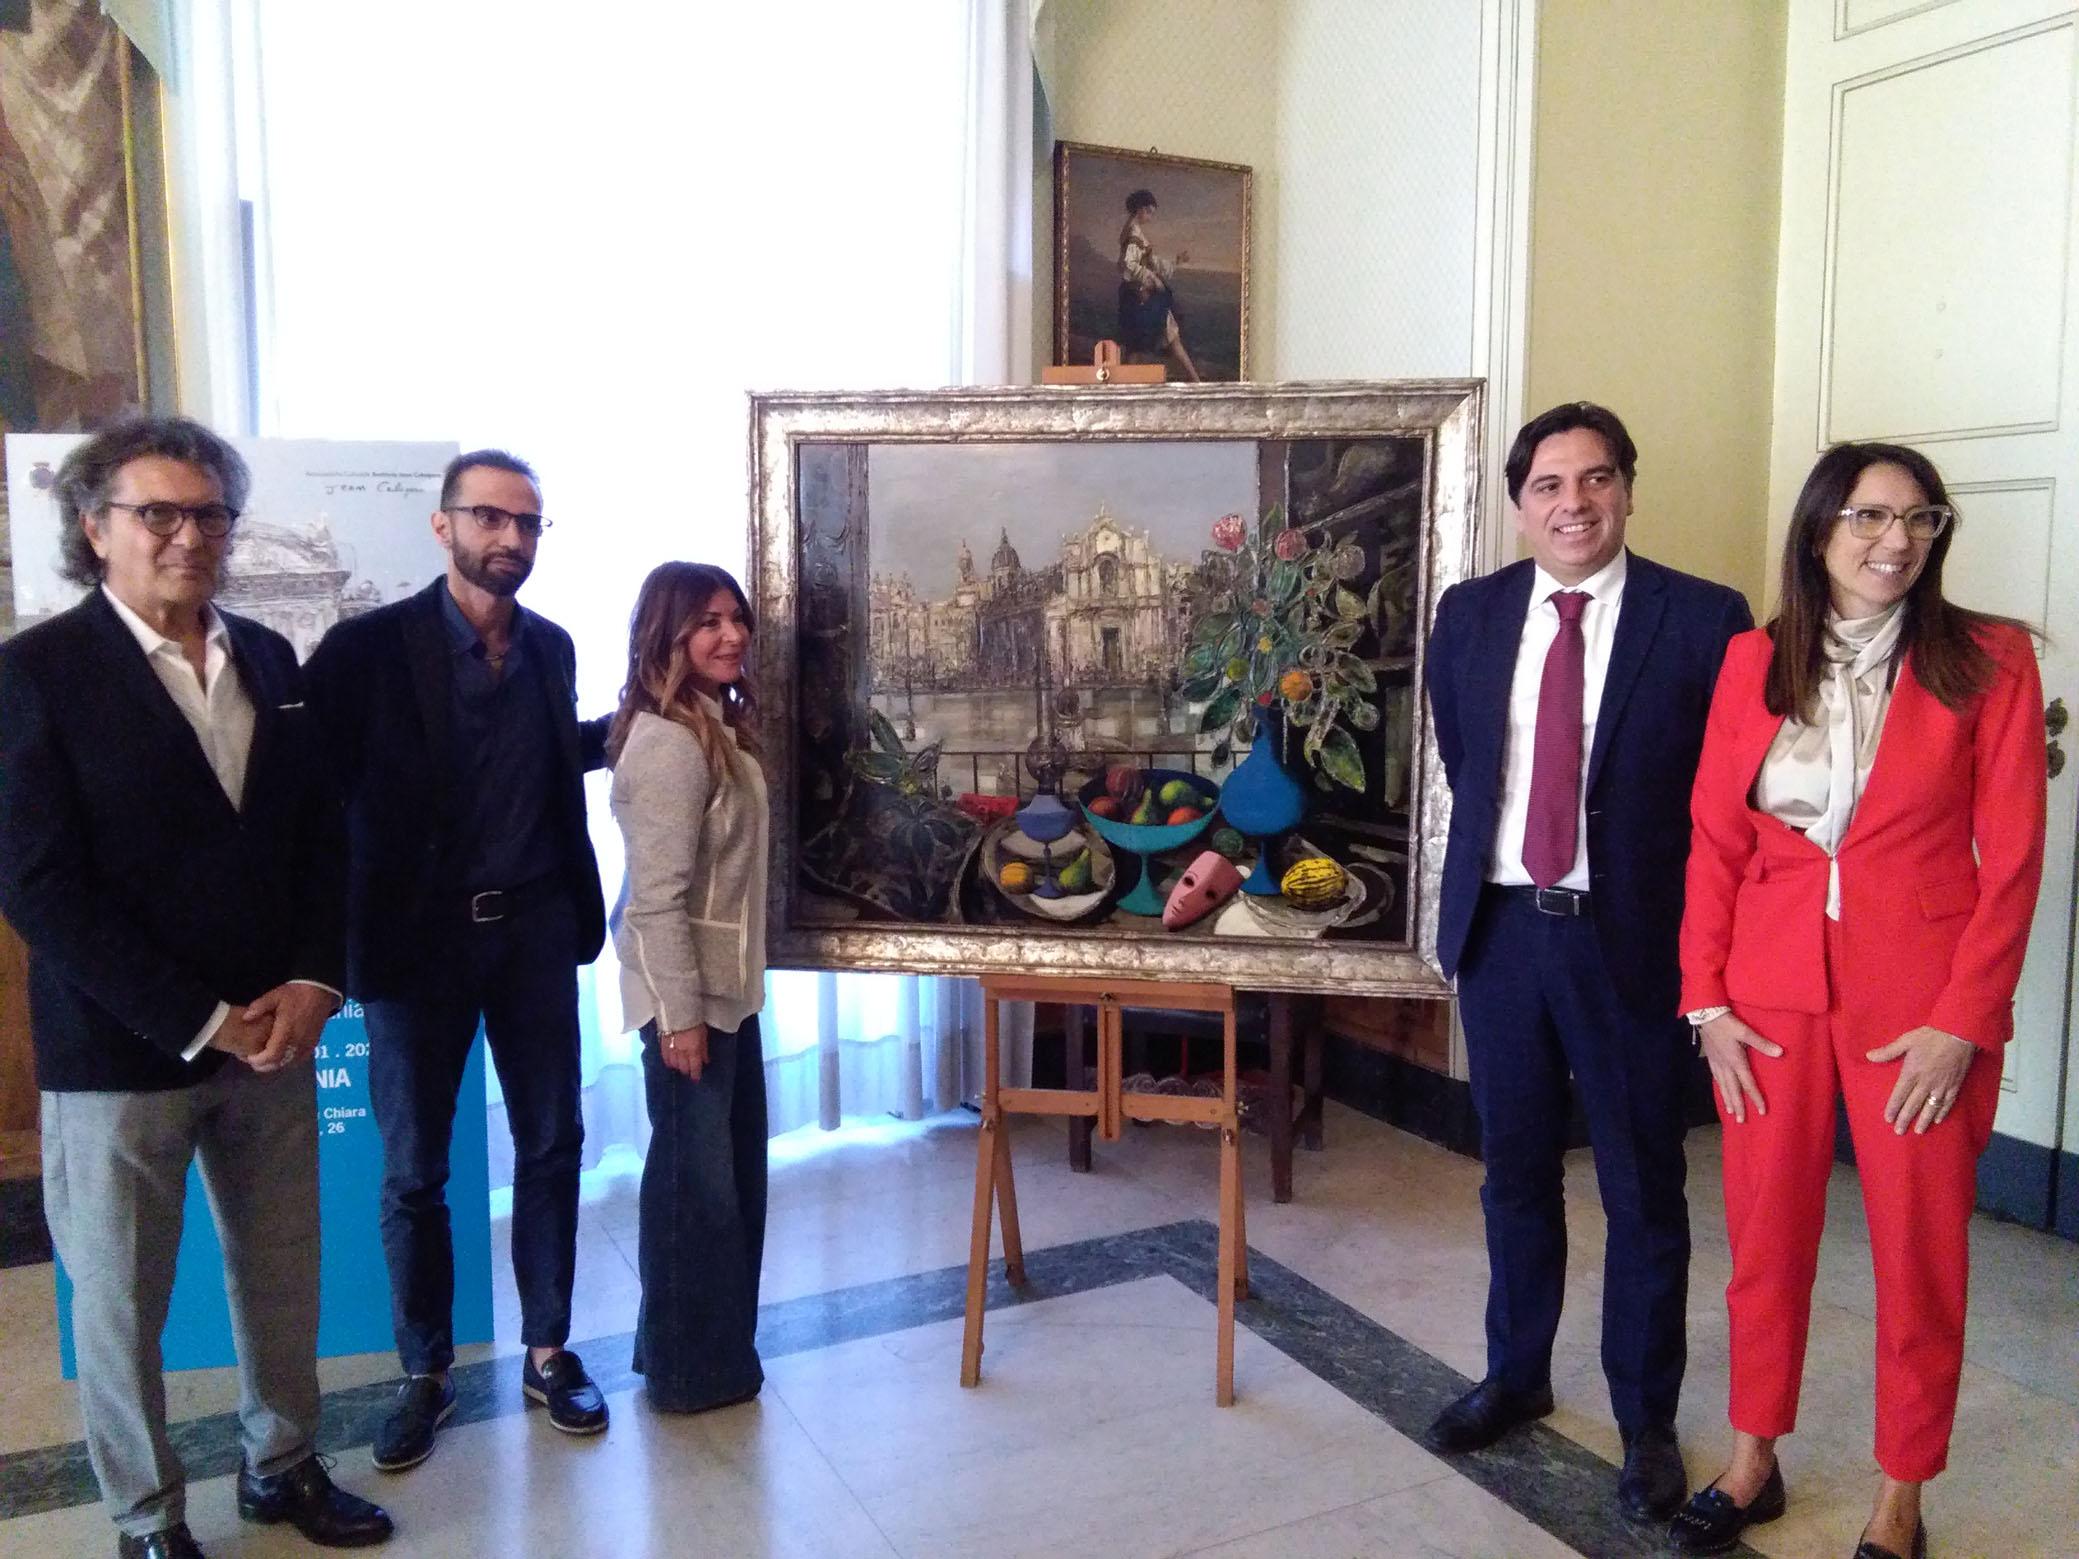 Gli eredi di Jean Calogero con il sindaco Pogliese e l'assessore Mirabella